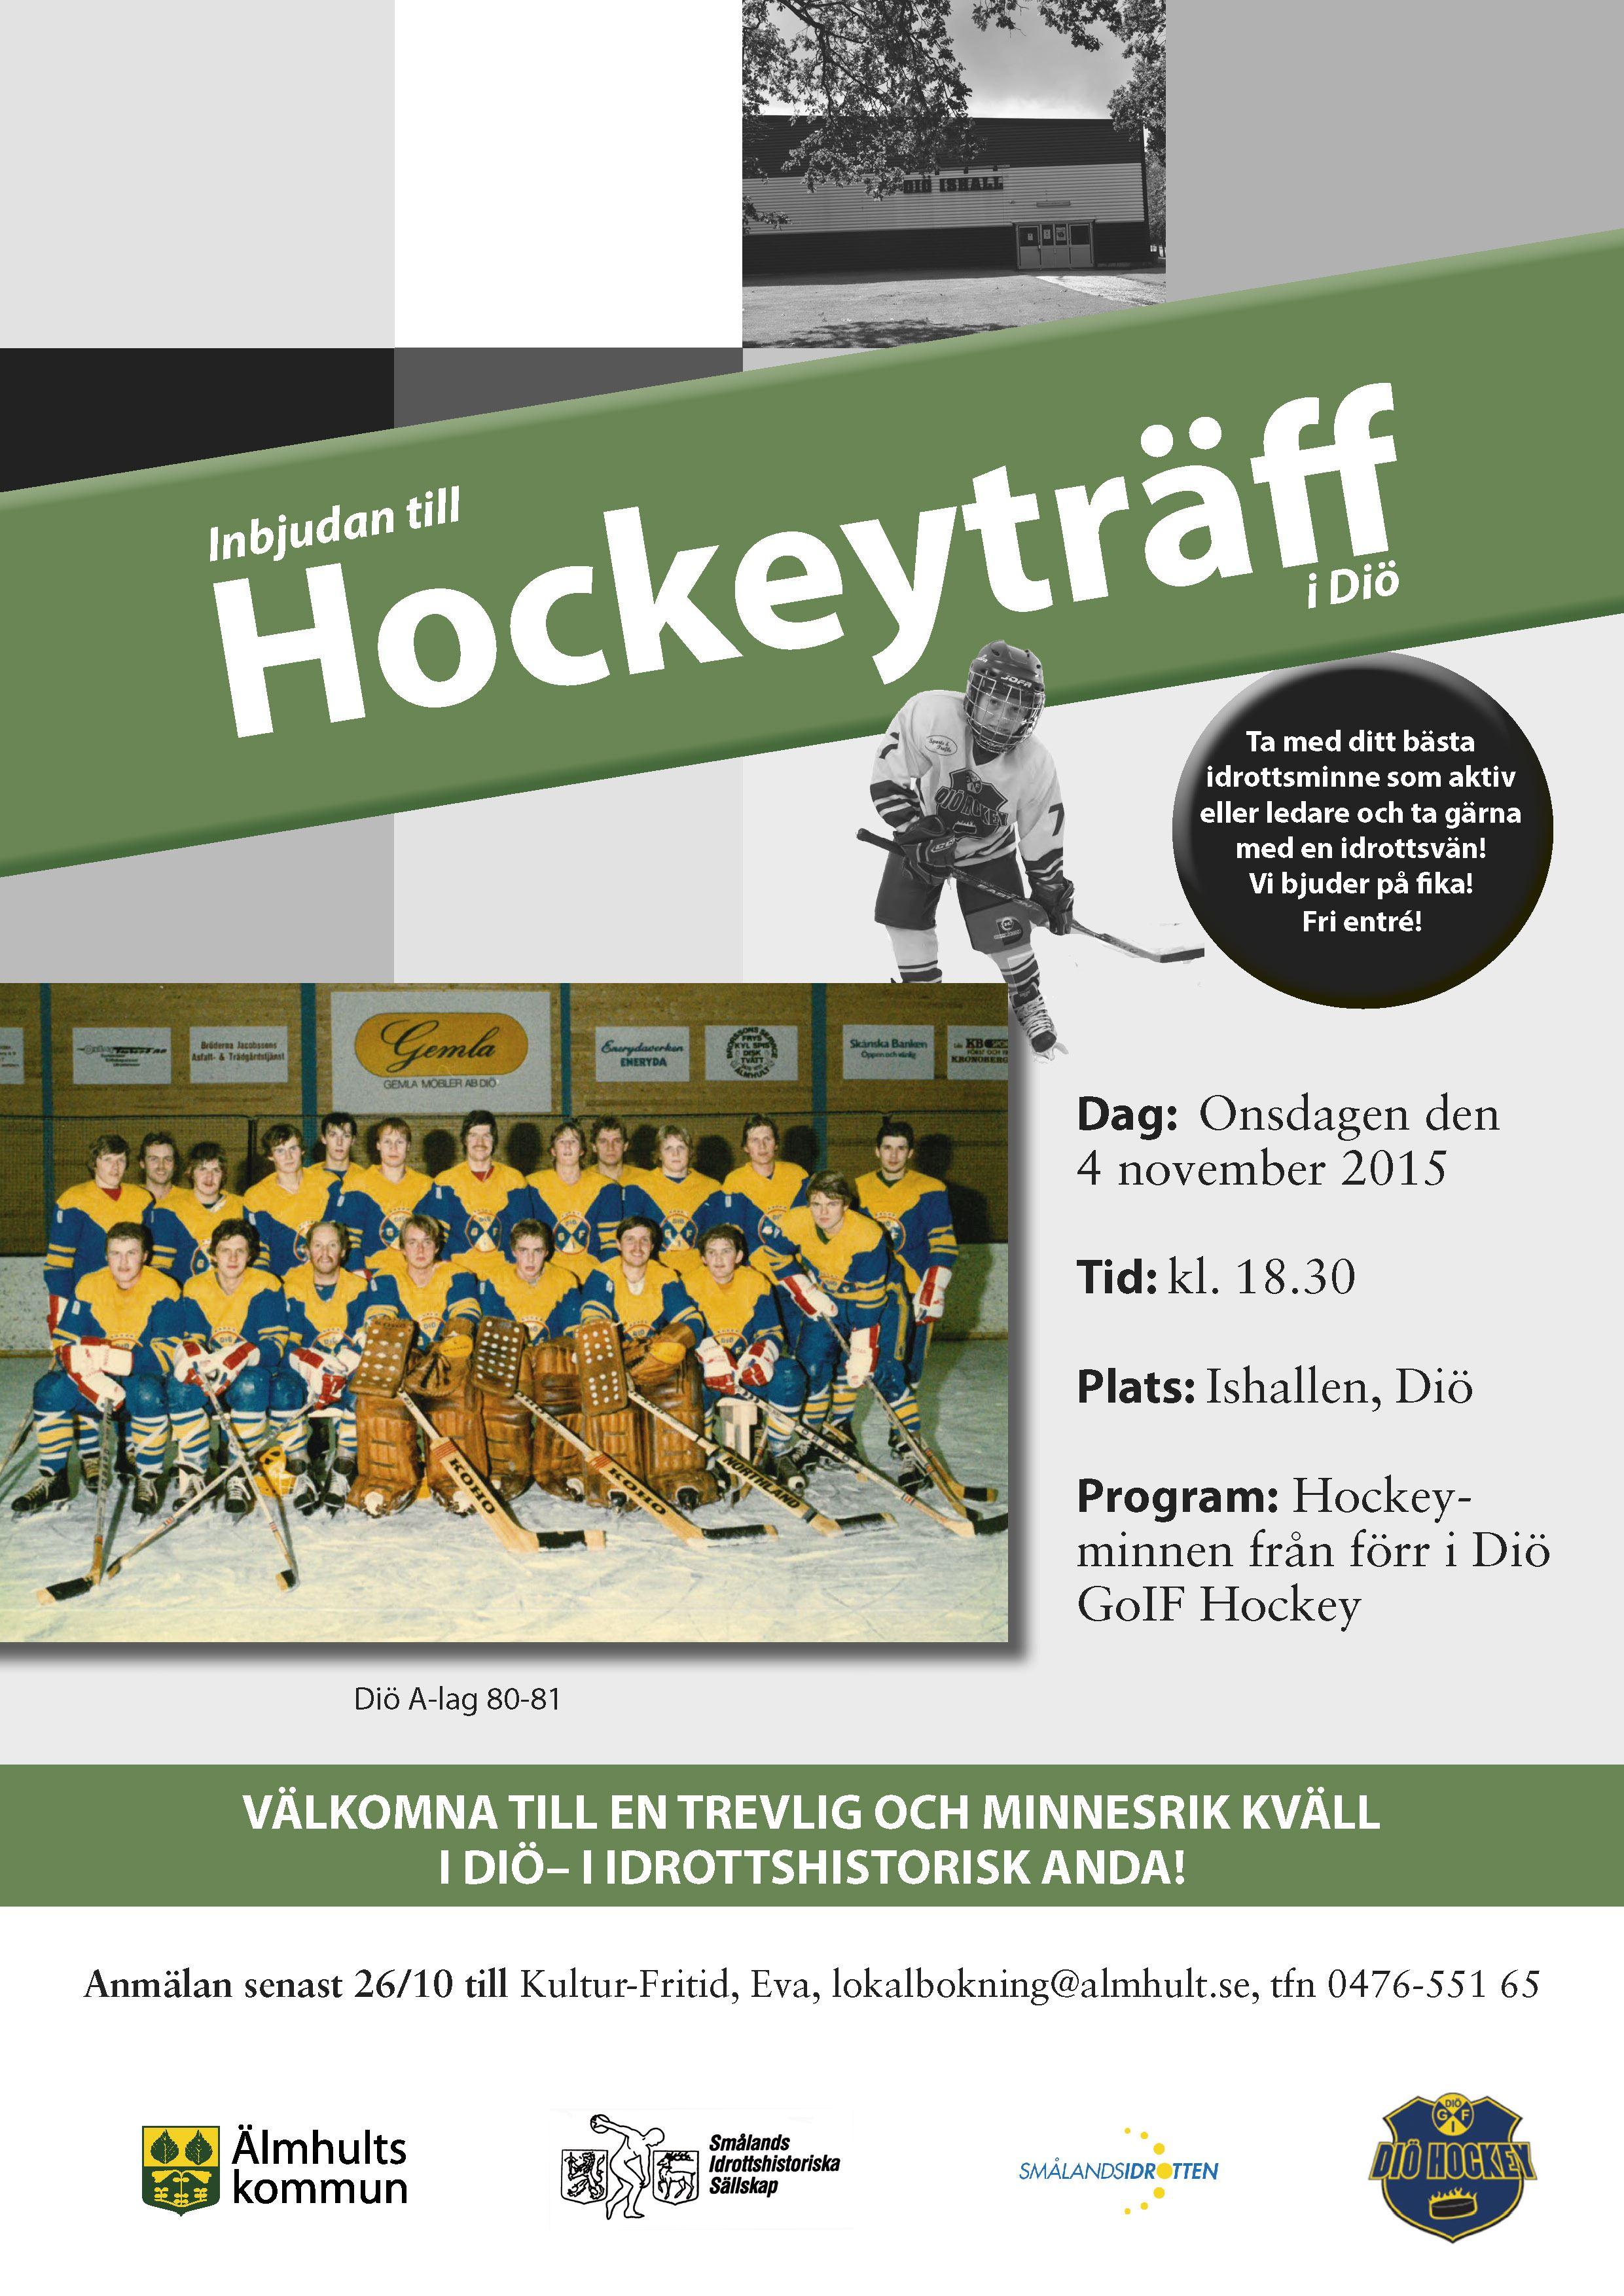 Hockeyträff